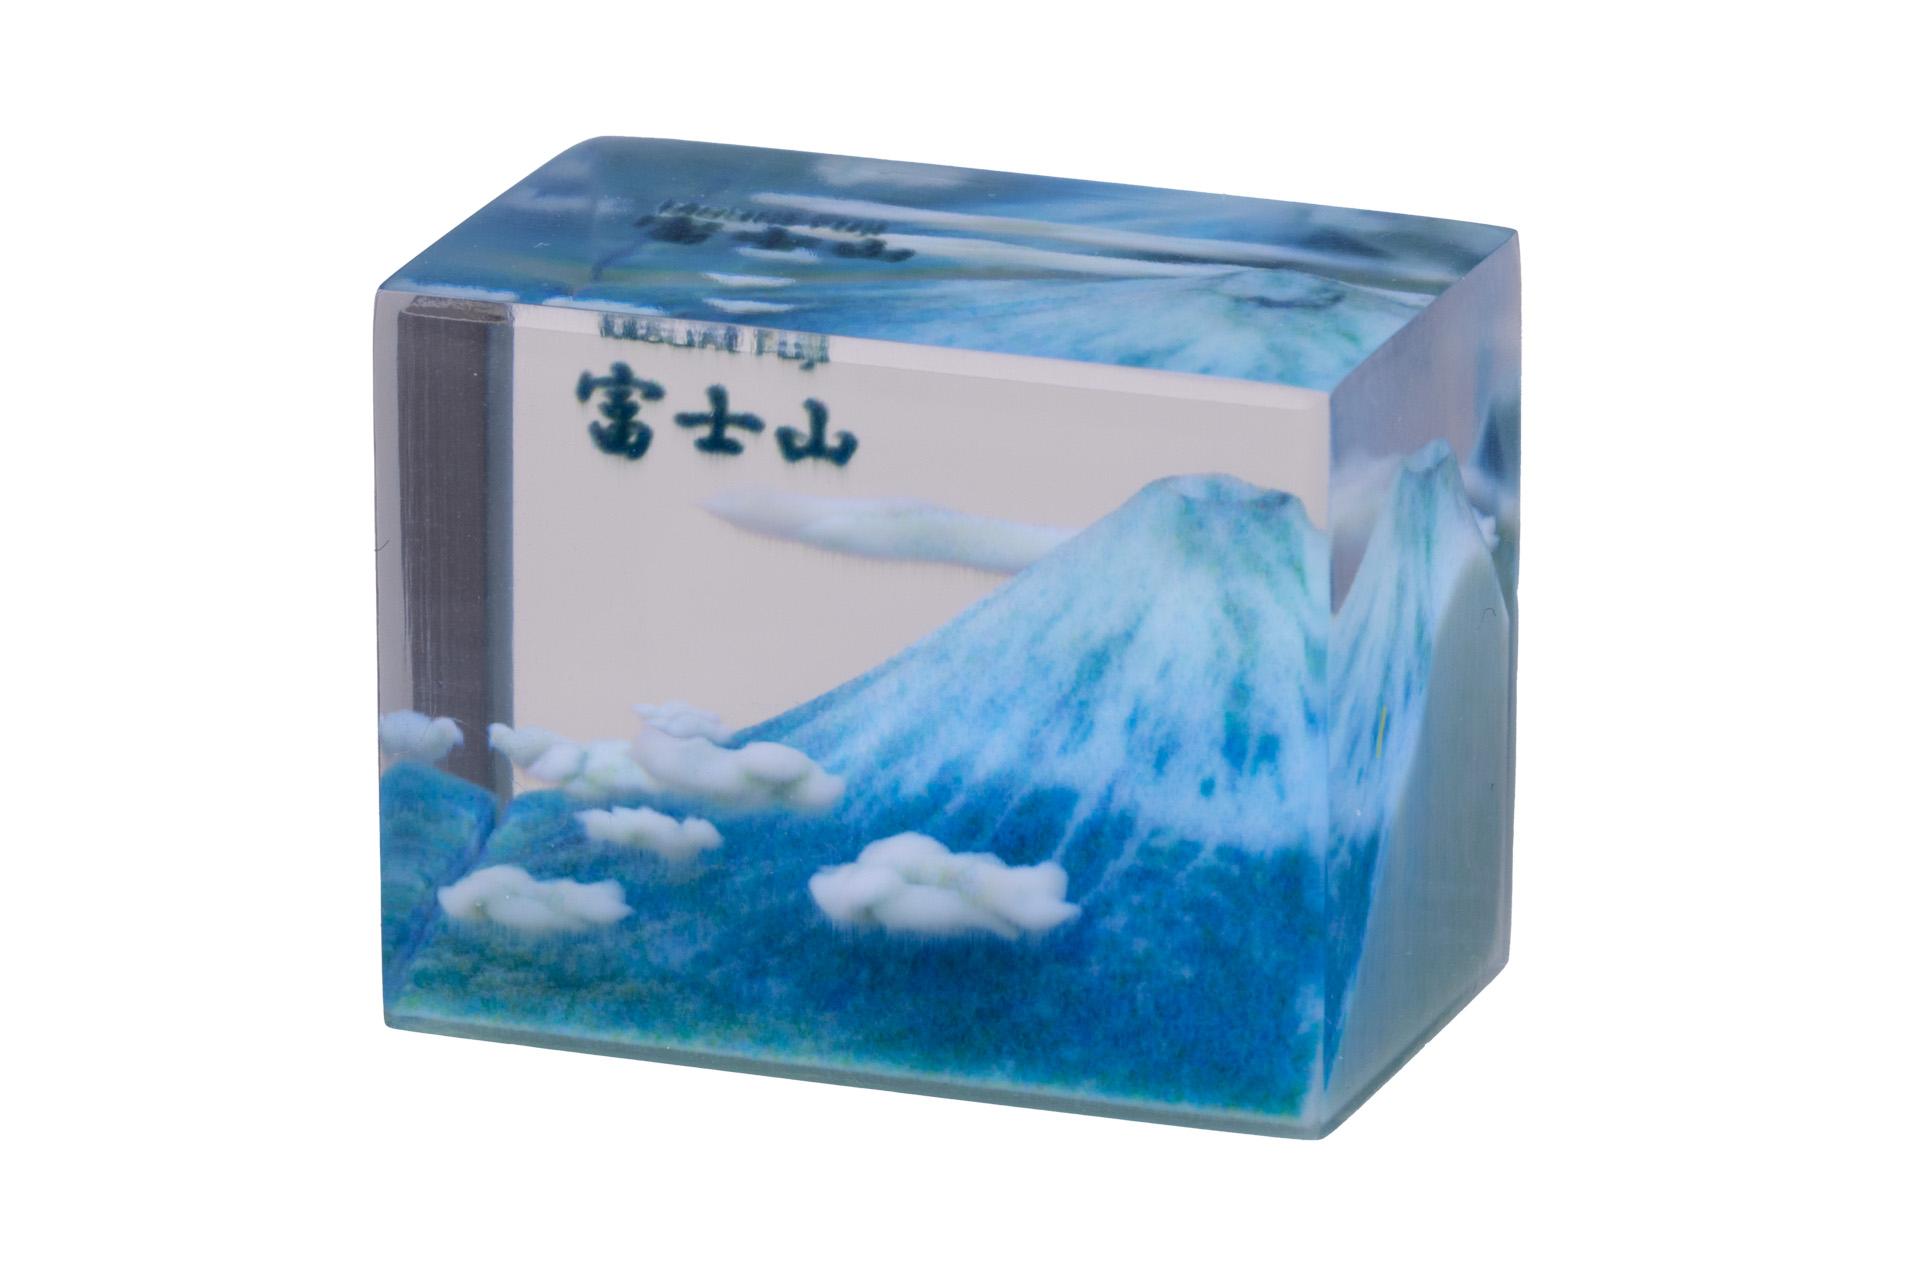 フルカラー3Dプリンター製のボックスアート!日本…